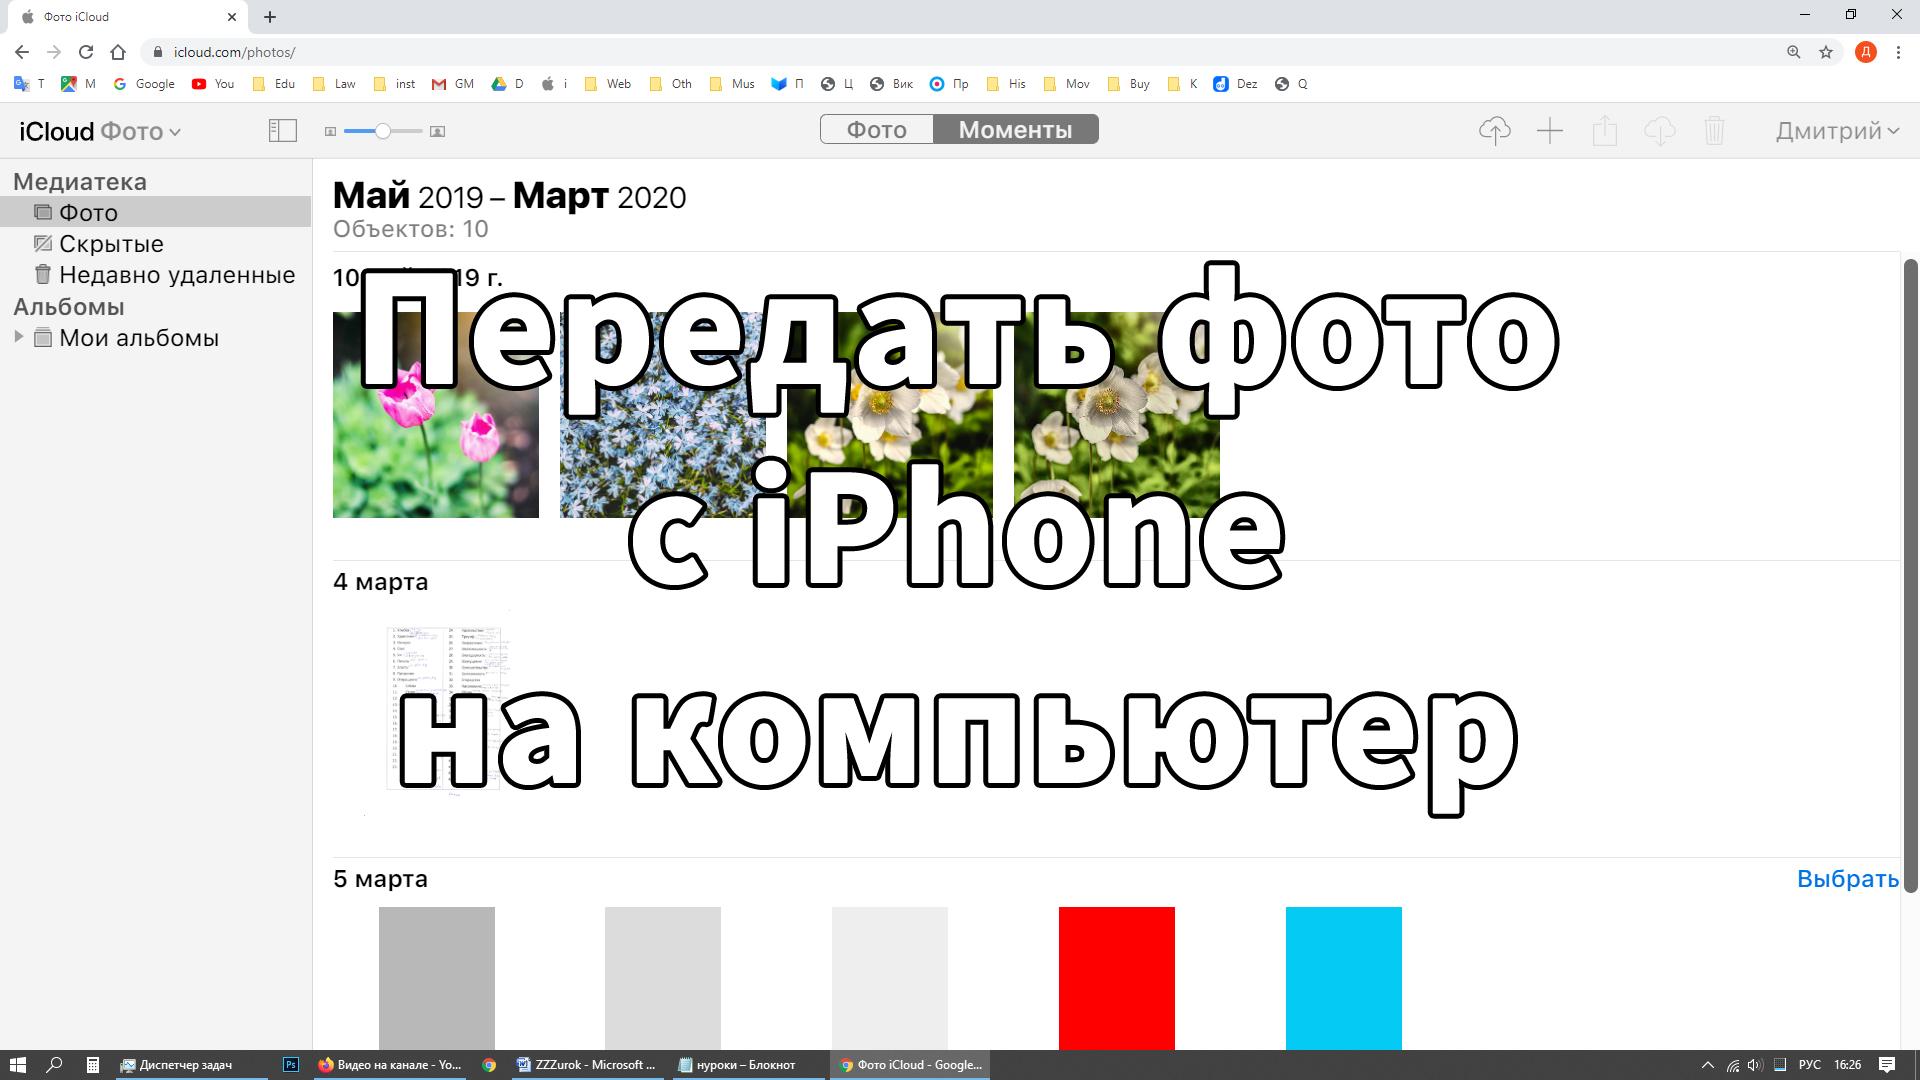 Как передать фото, видео с iPhone на компьютер